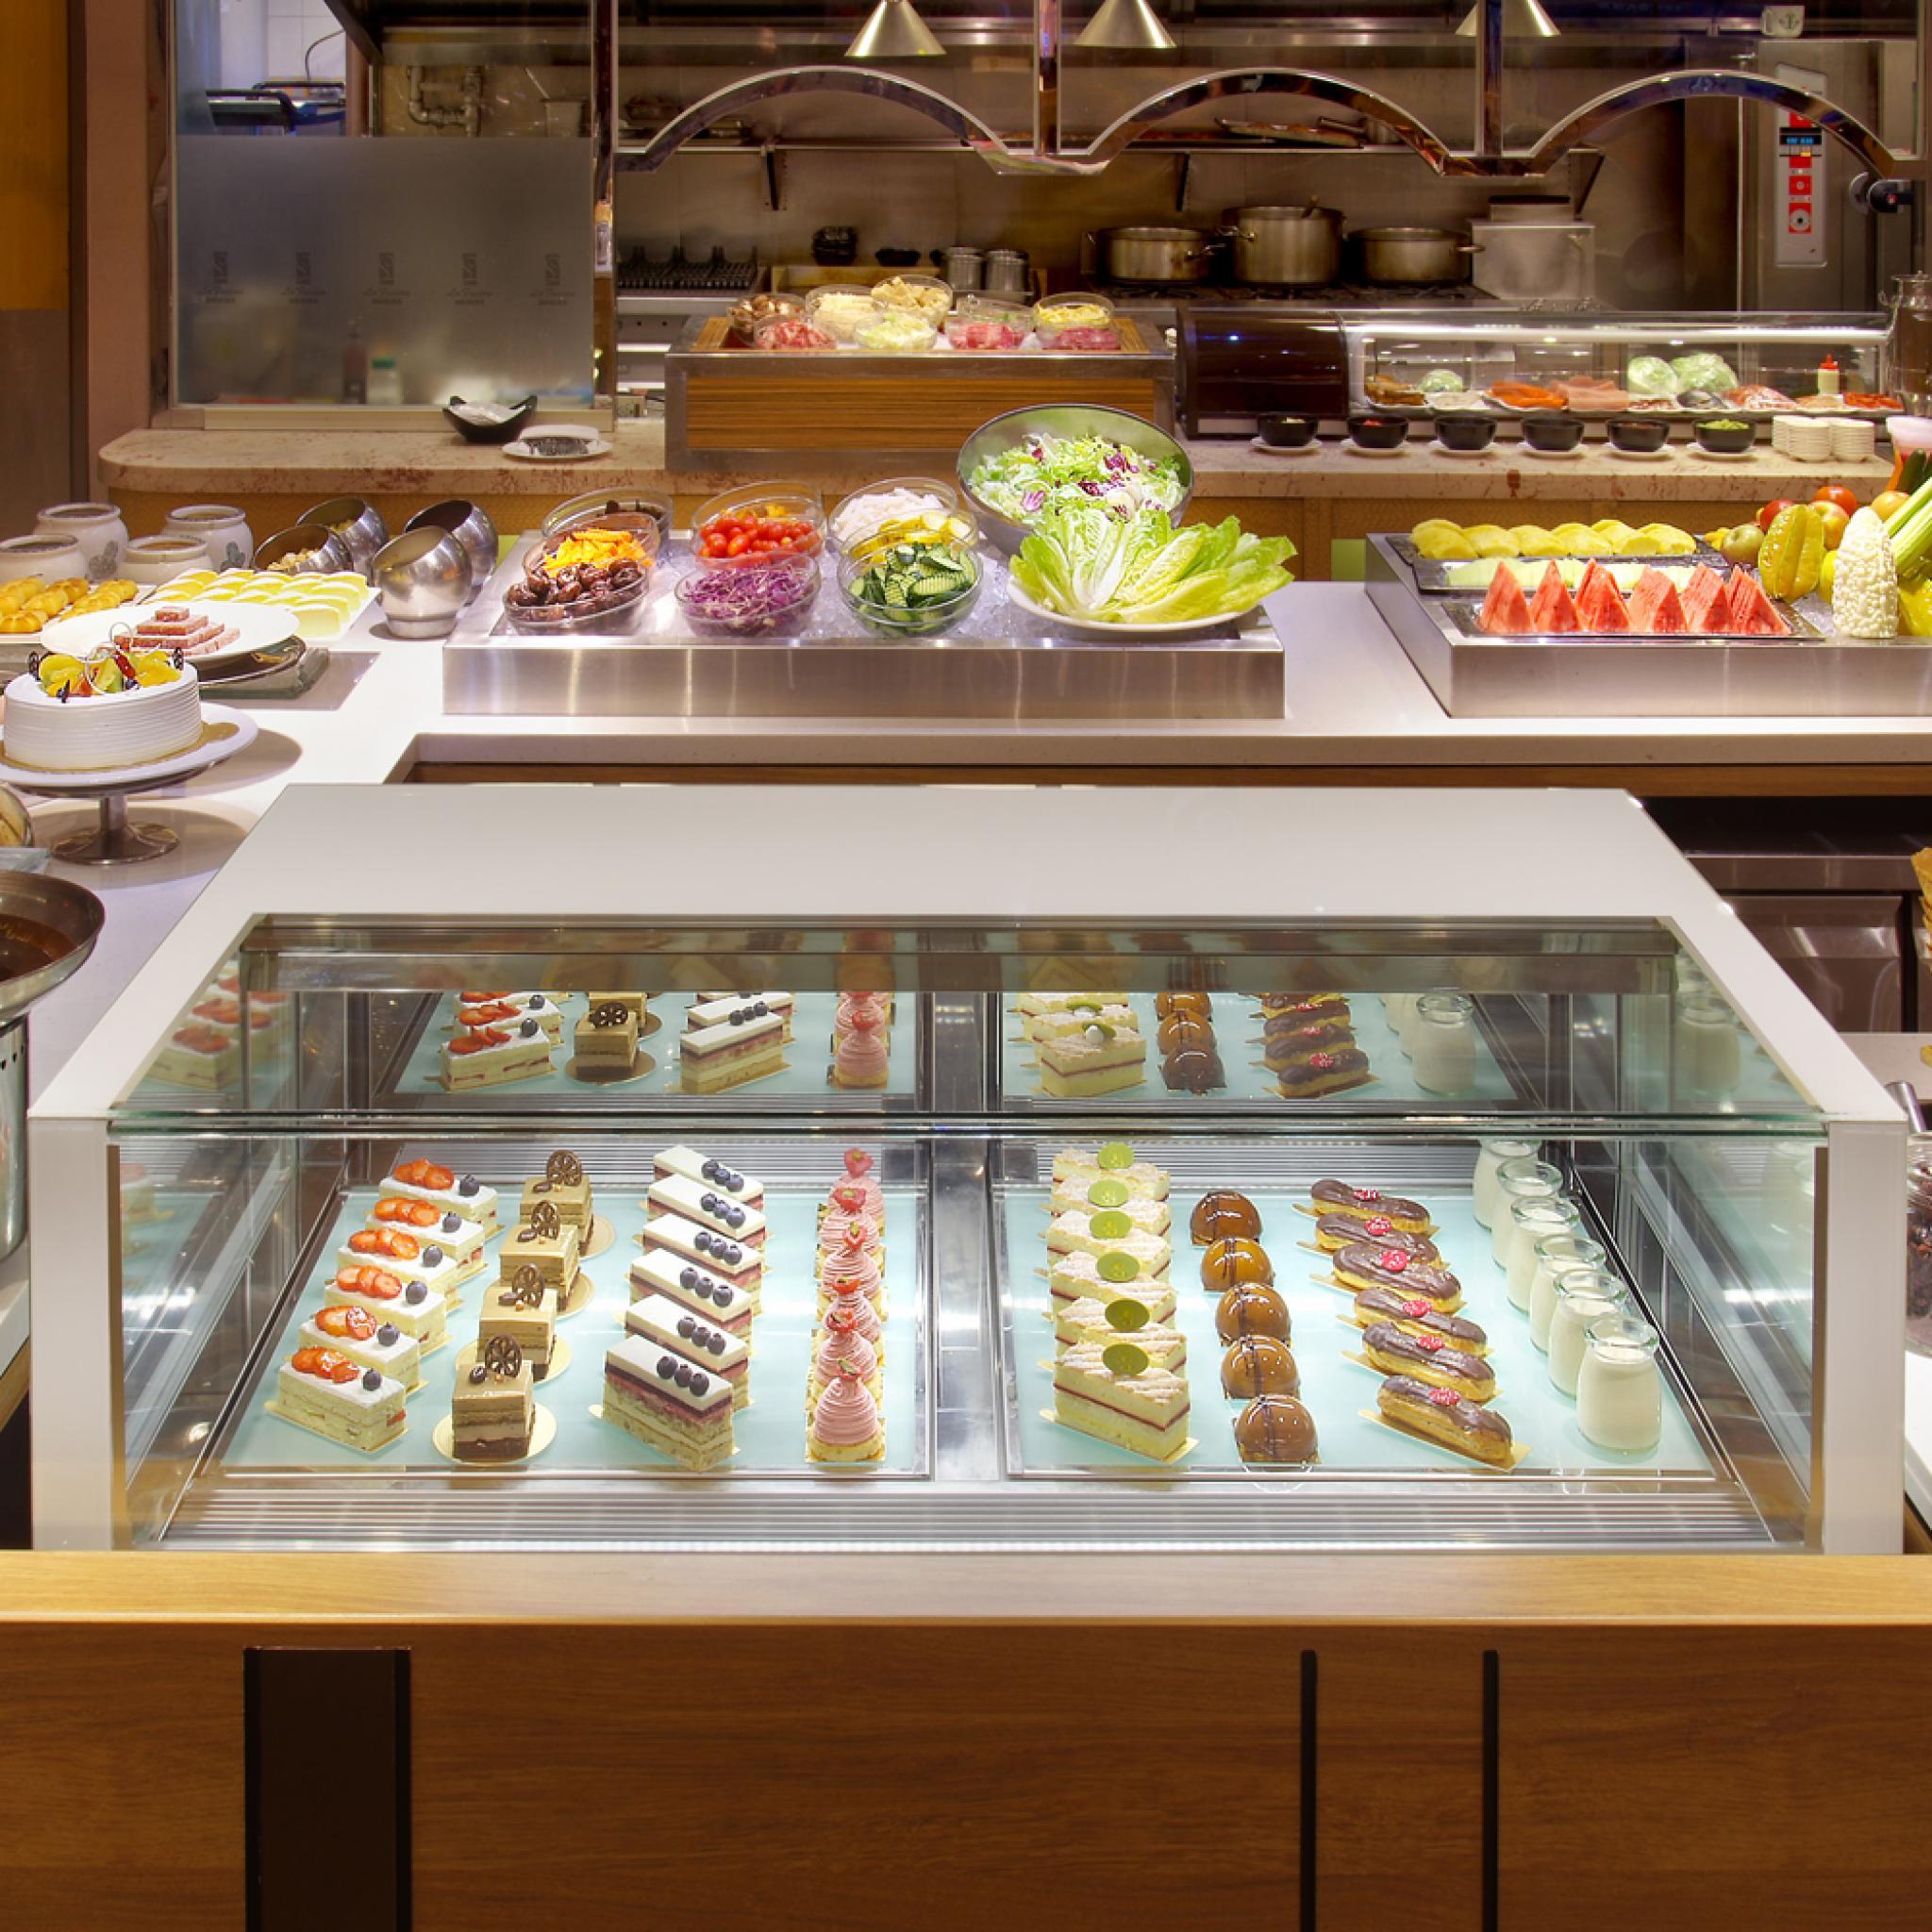 全新打造西區頂級商務觀光飯店 穿插創意手法之私房菜色 餐券已內含10%服務費